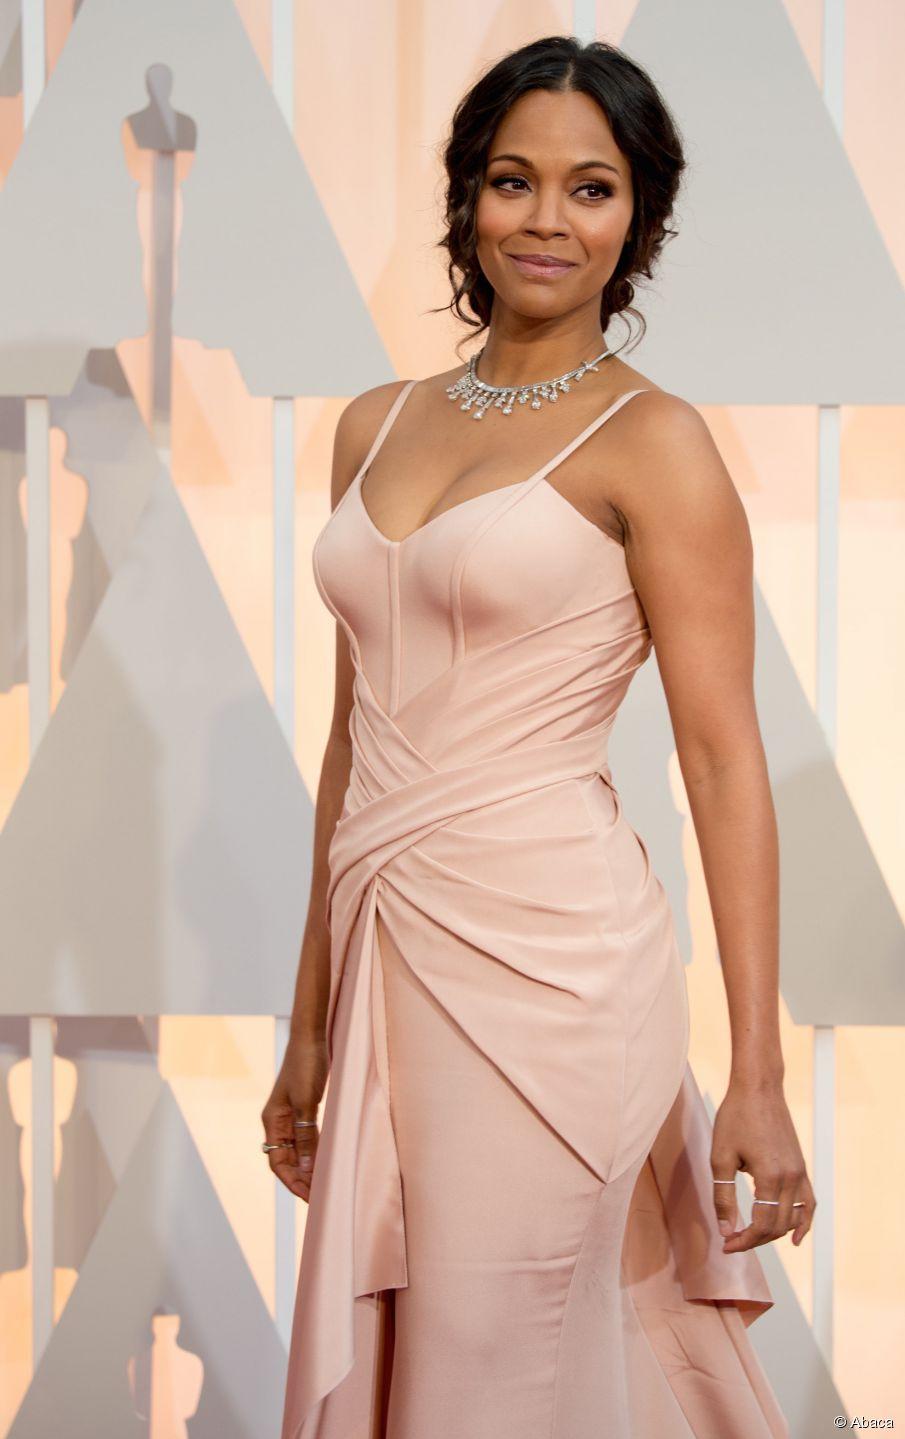 Lange Frisuren: Zoe Saldanas Oscar-Hochsteckfrisur